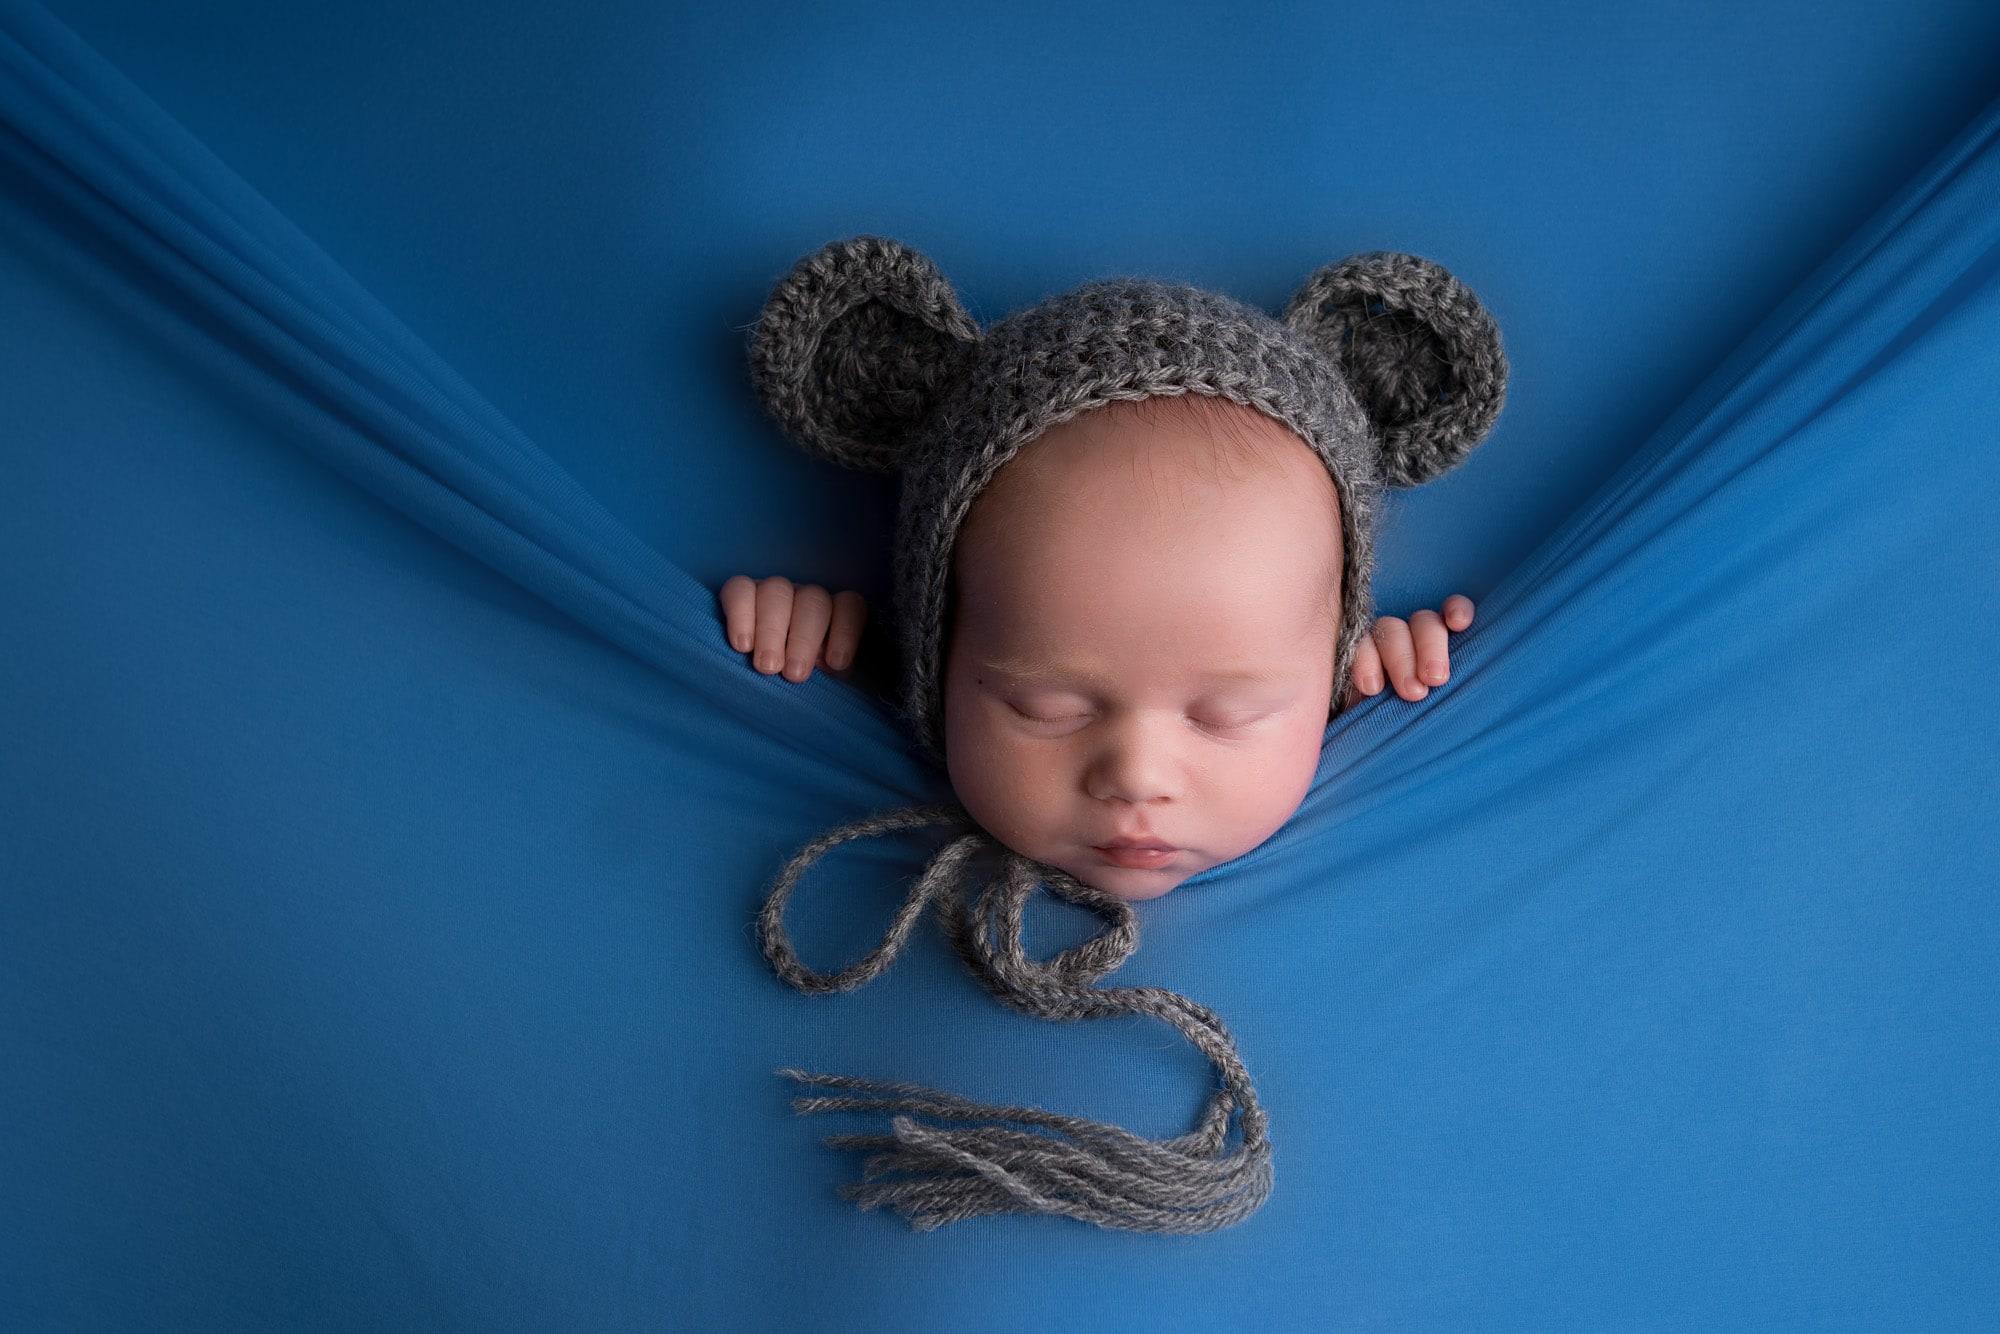 sleepy baby milton keynes